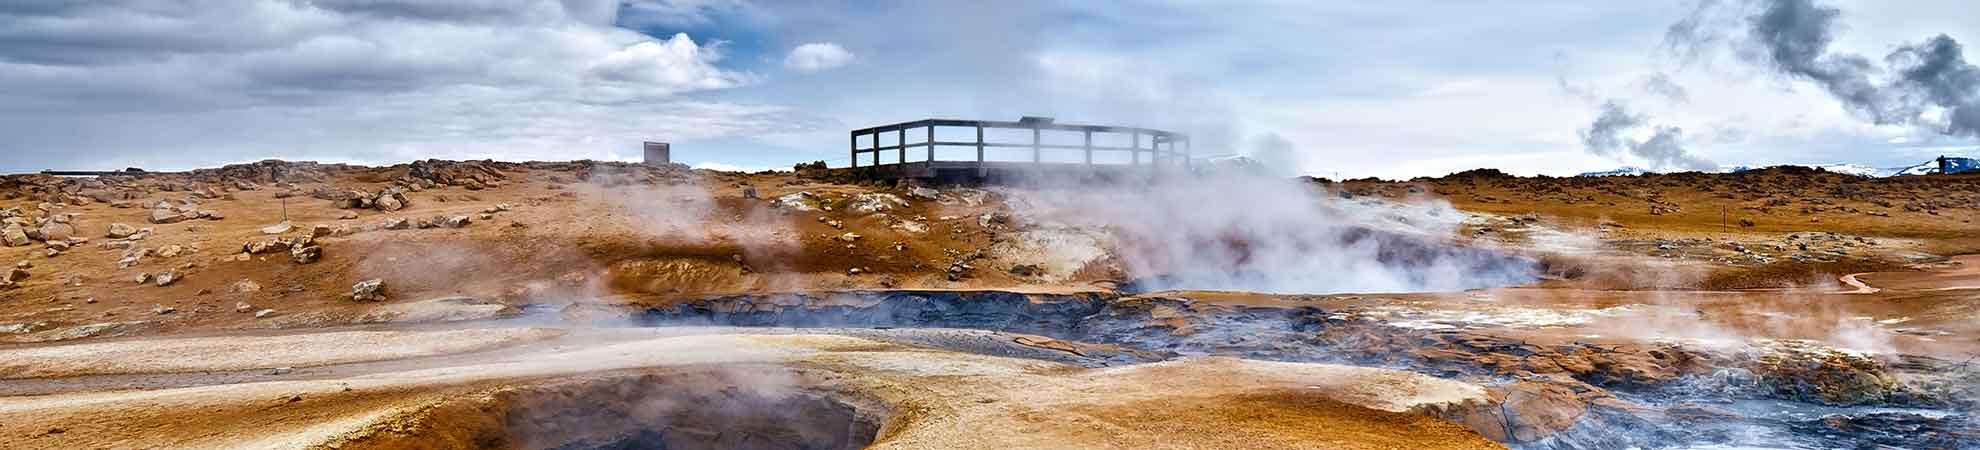 Vacances en Islande